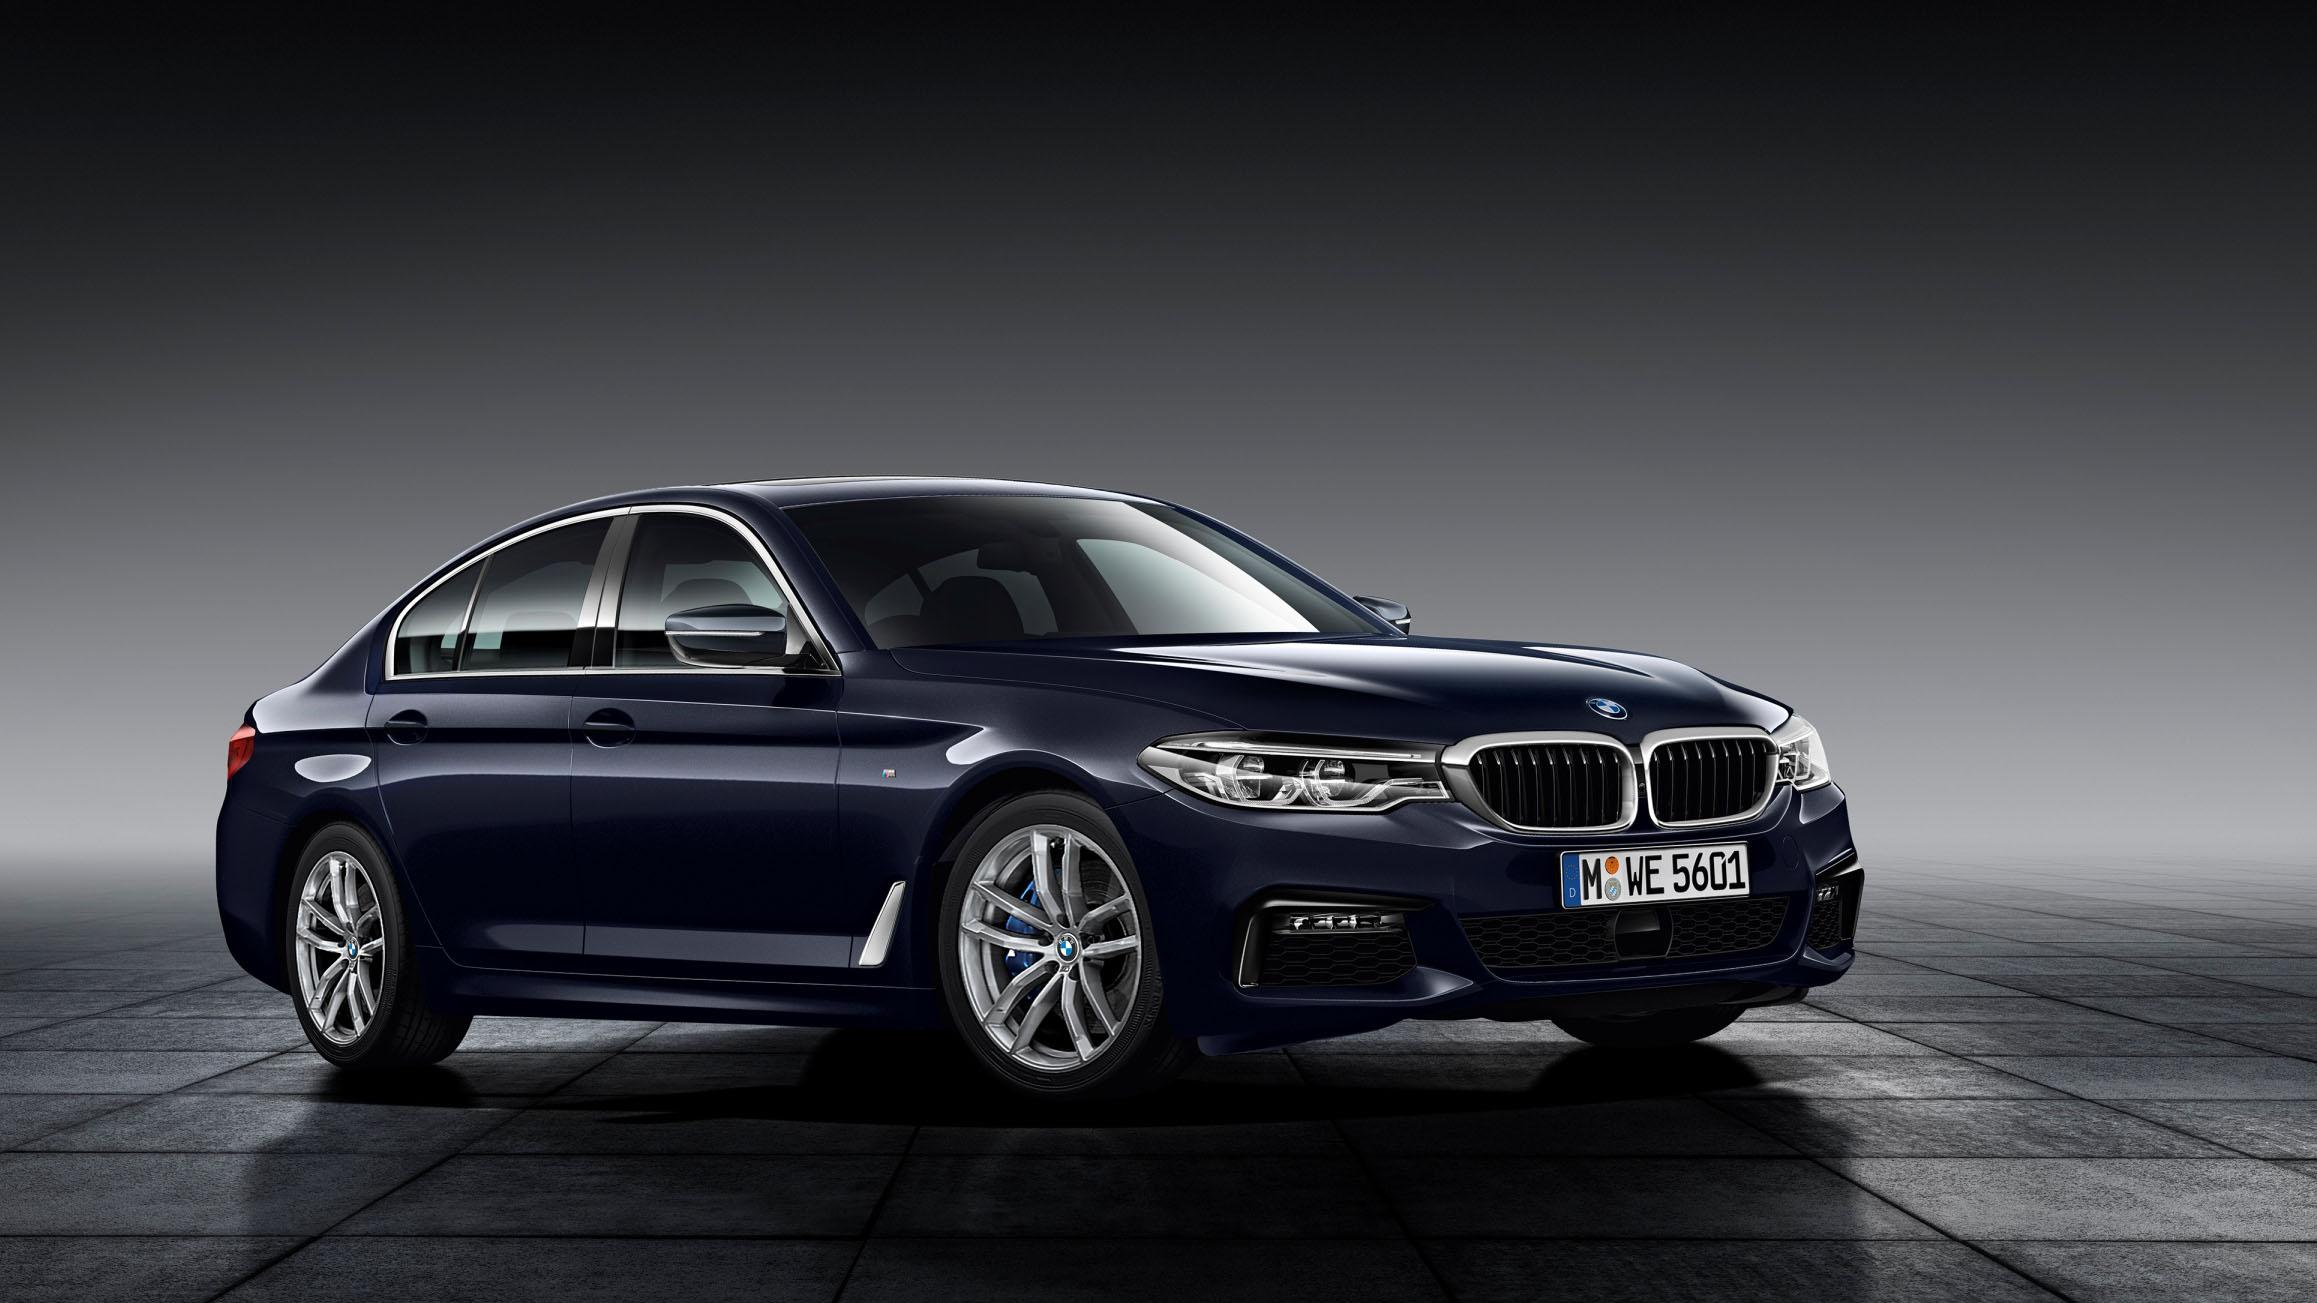 BMW 5 系列白金旗艦版免頭款開回家,最低月付 1 萬有找!